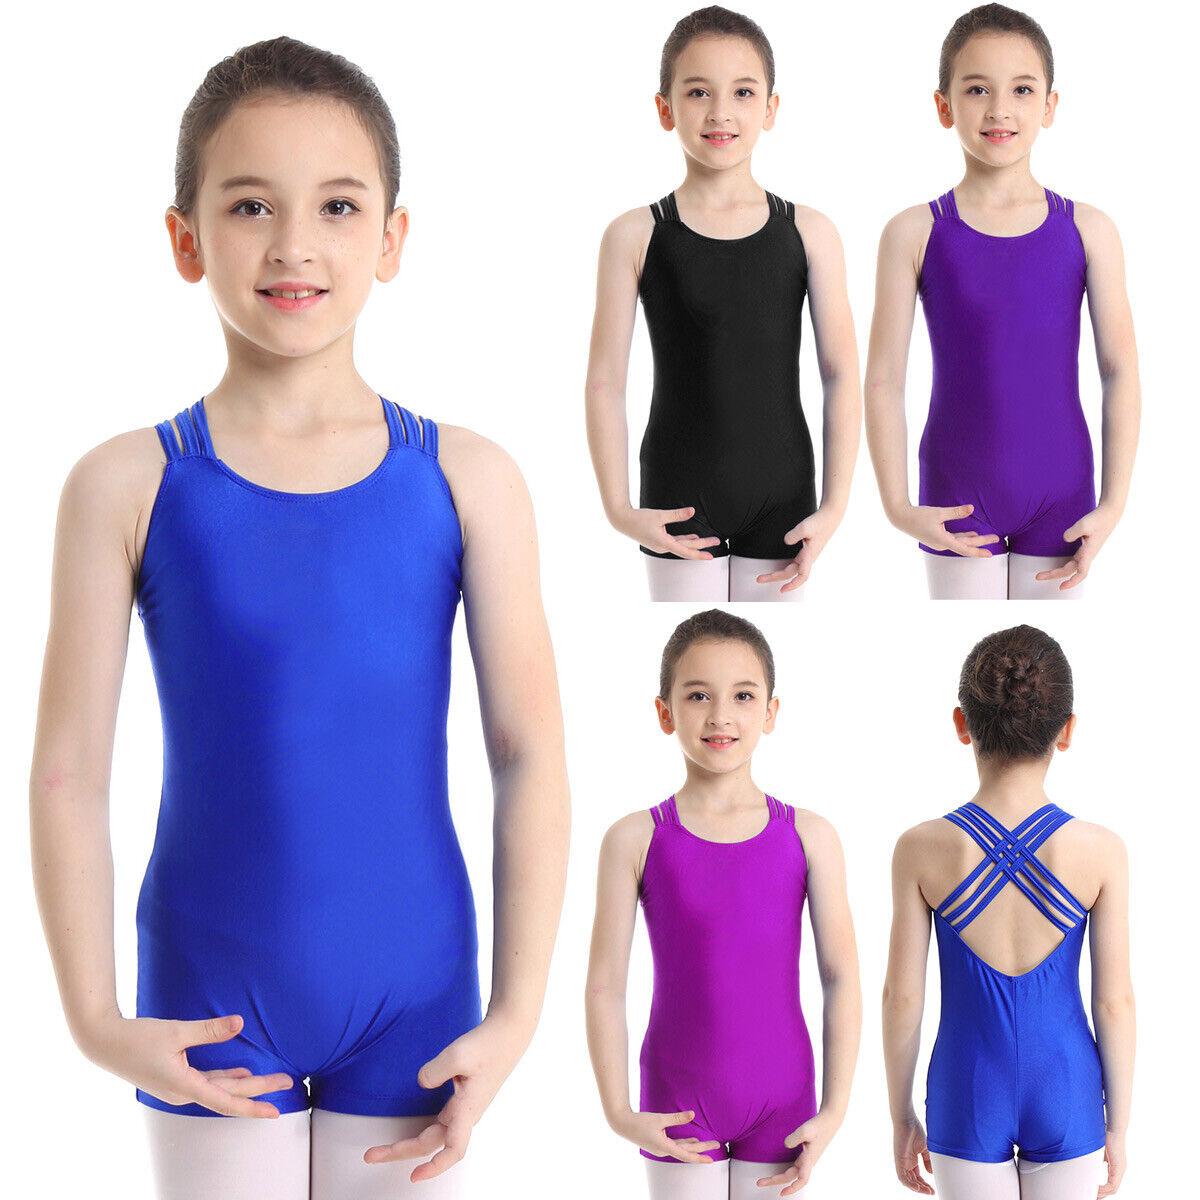 Kids Girls Gymnastics Ballet Dance Leotard Top Jumpsuits Sleeveless Dancewear